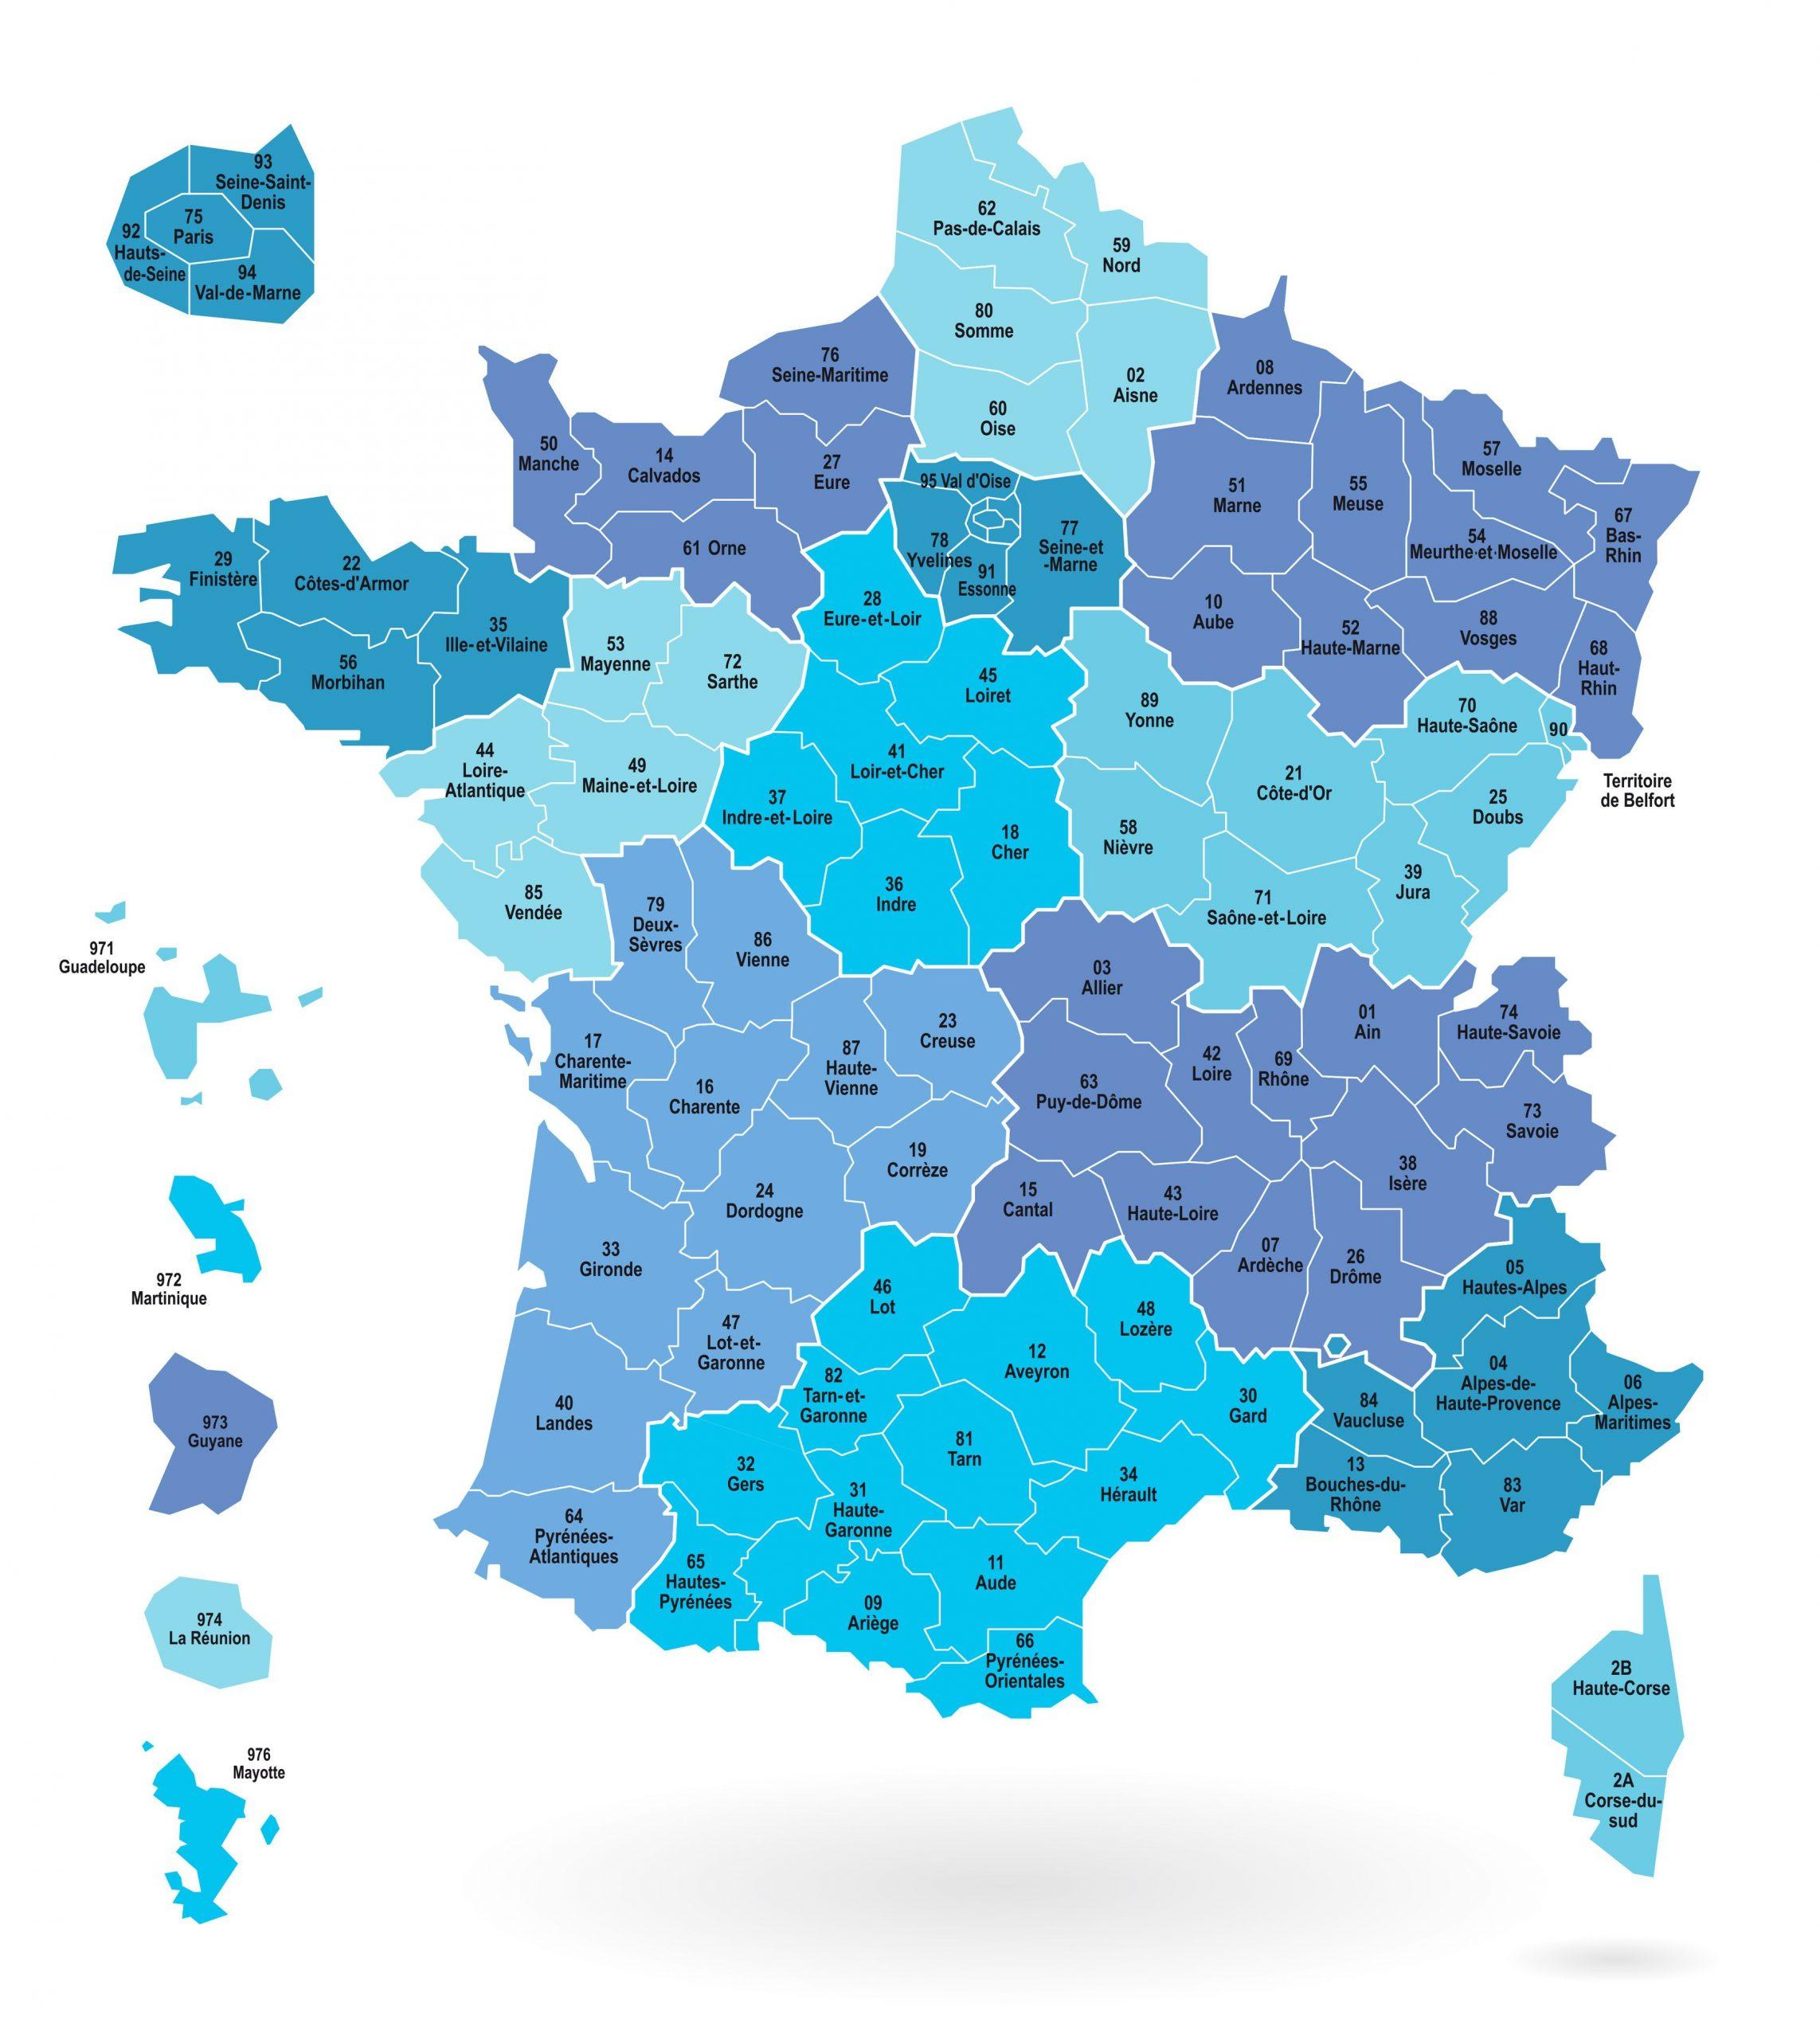 Numéros Et Départements De France Métropolitaine concernant Numéro Des Départements